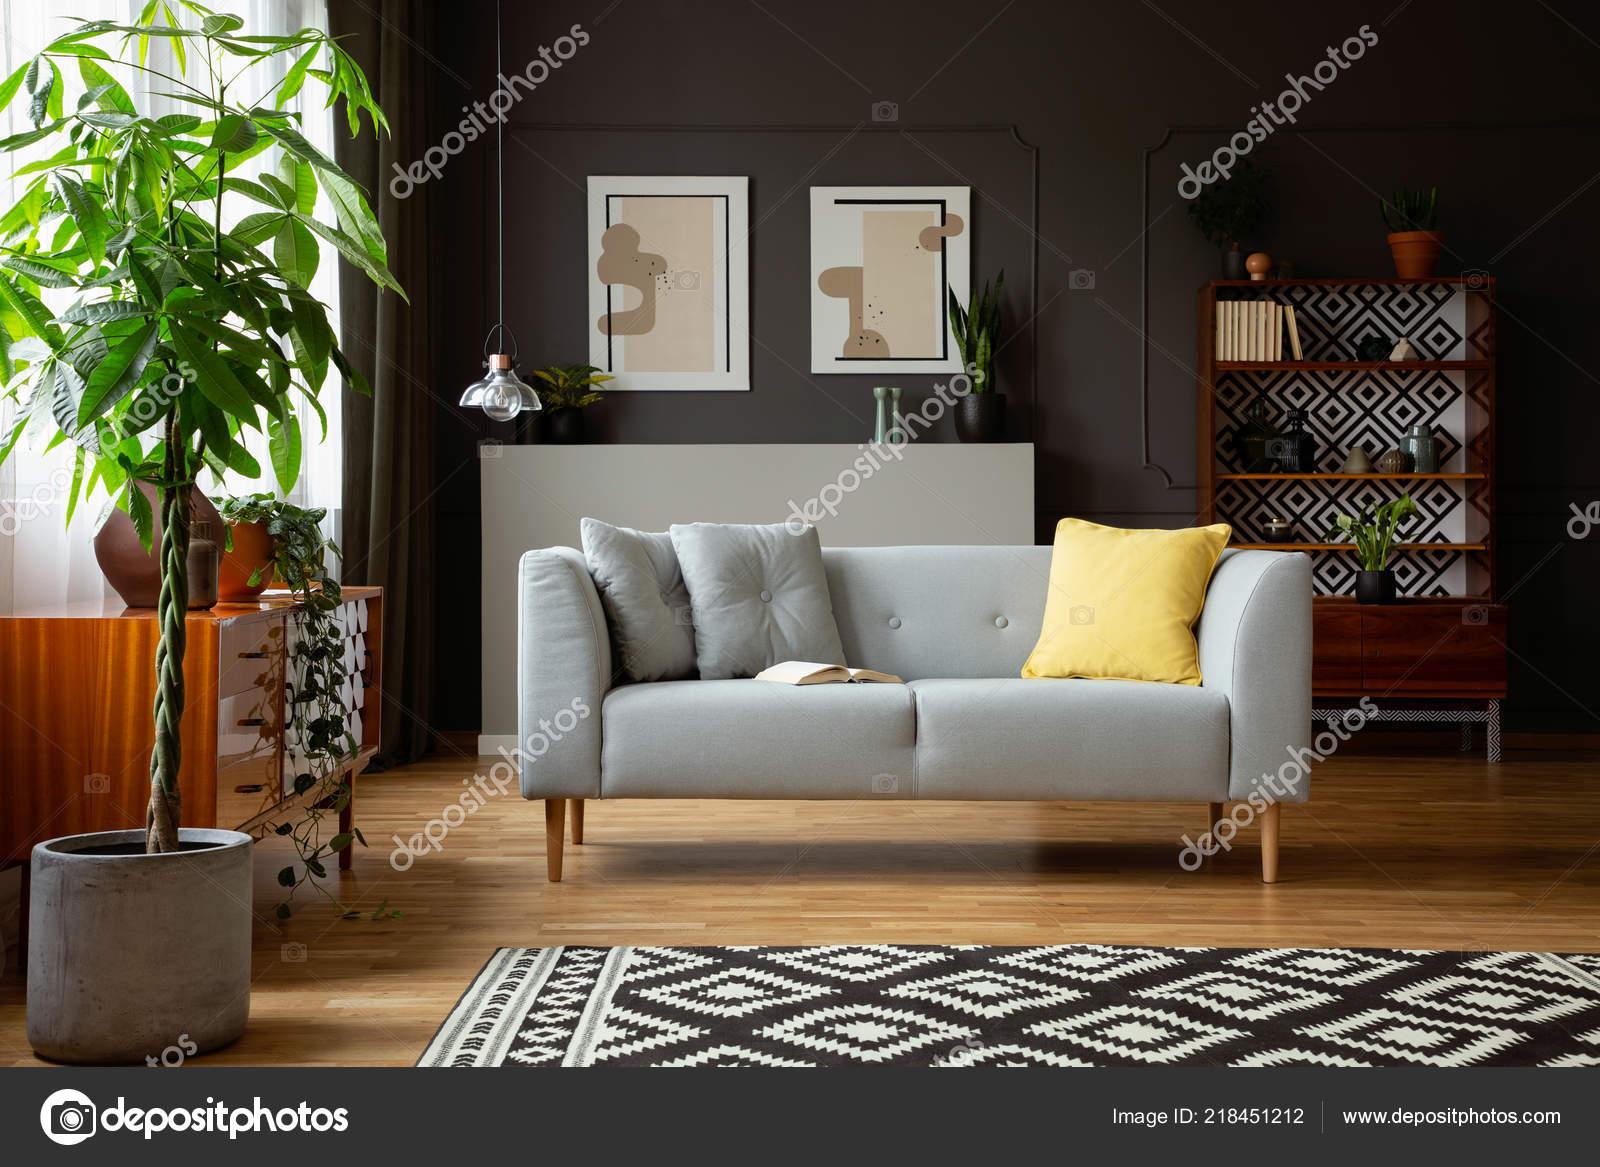 Echtes Foto Von Einem Wohnzimmer Interieur Mit Einem Sofa Baum ...